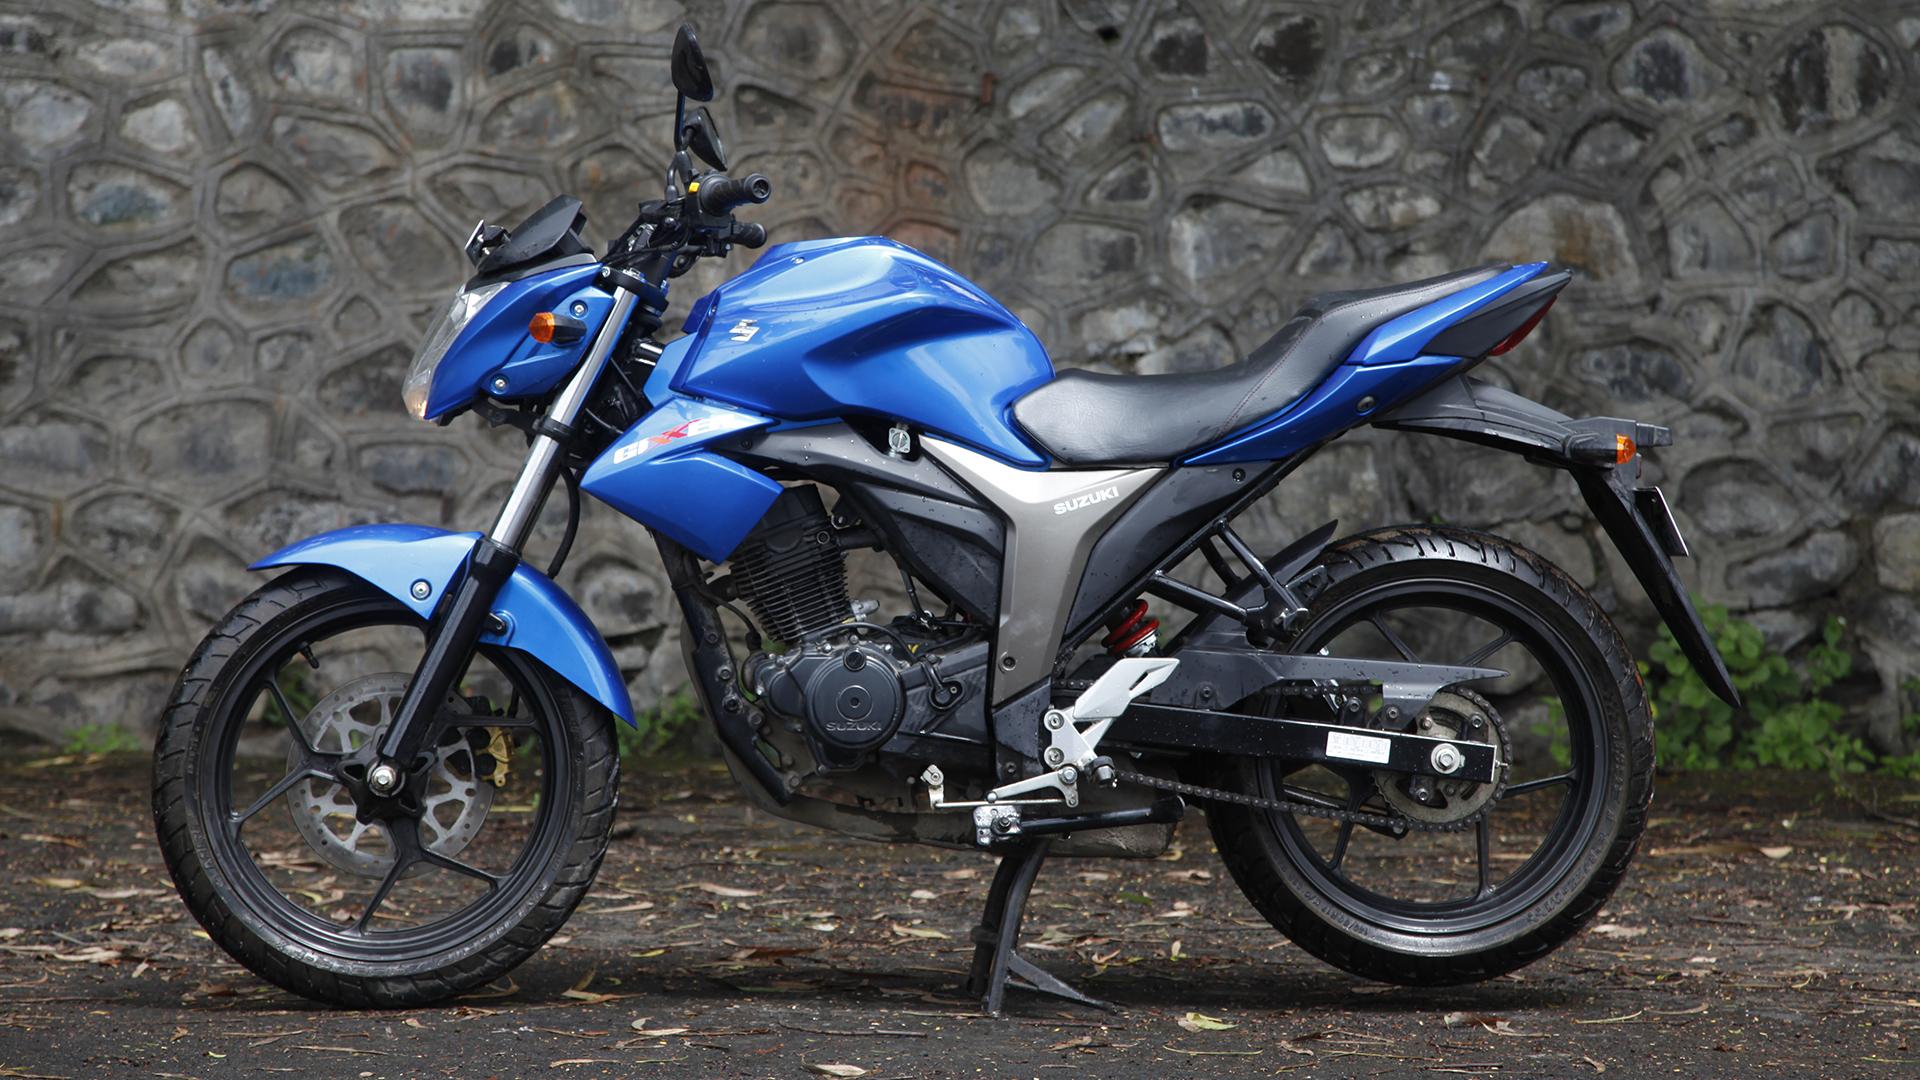 Suzuki Gixxer 2014 STD - Price, Mileage, Reviews ...